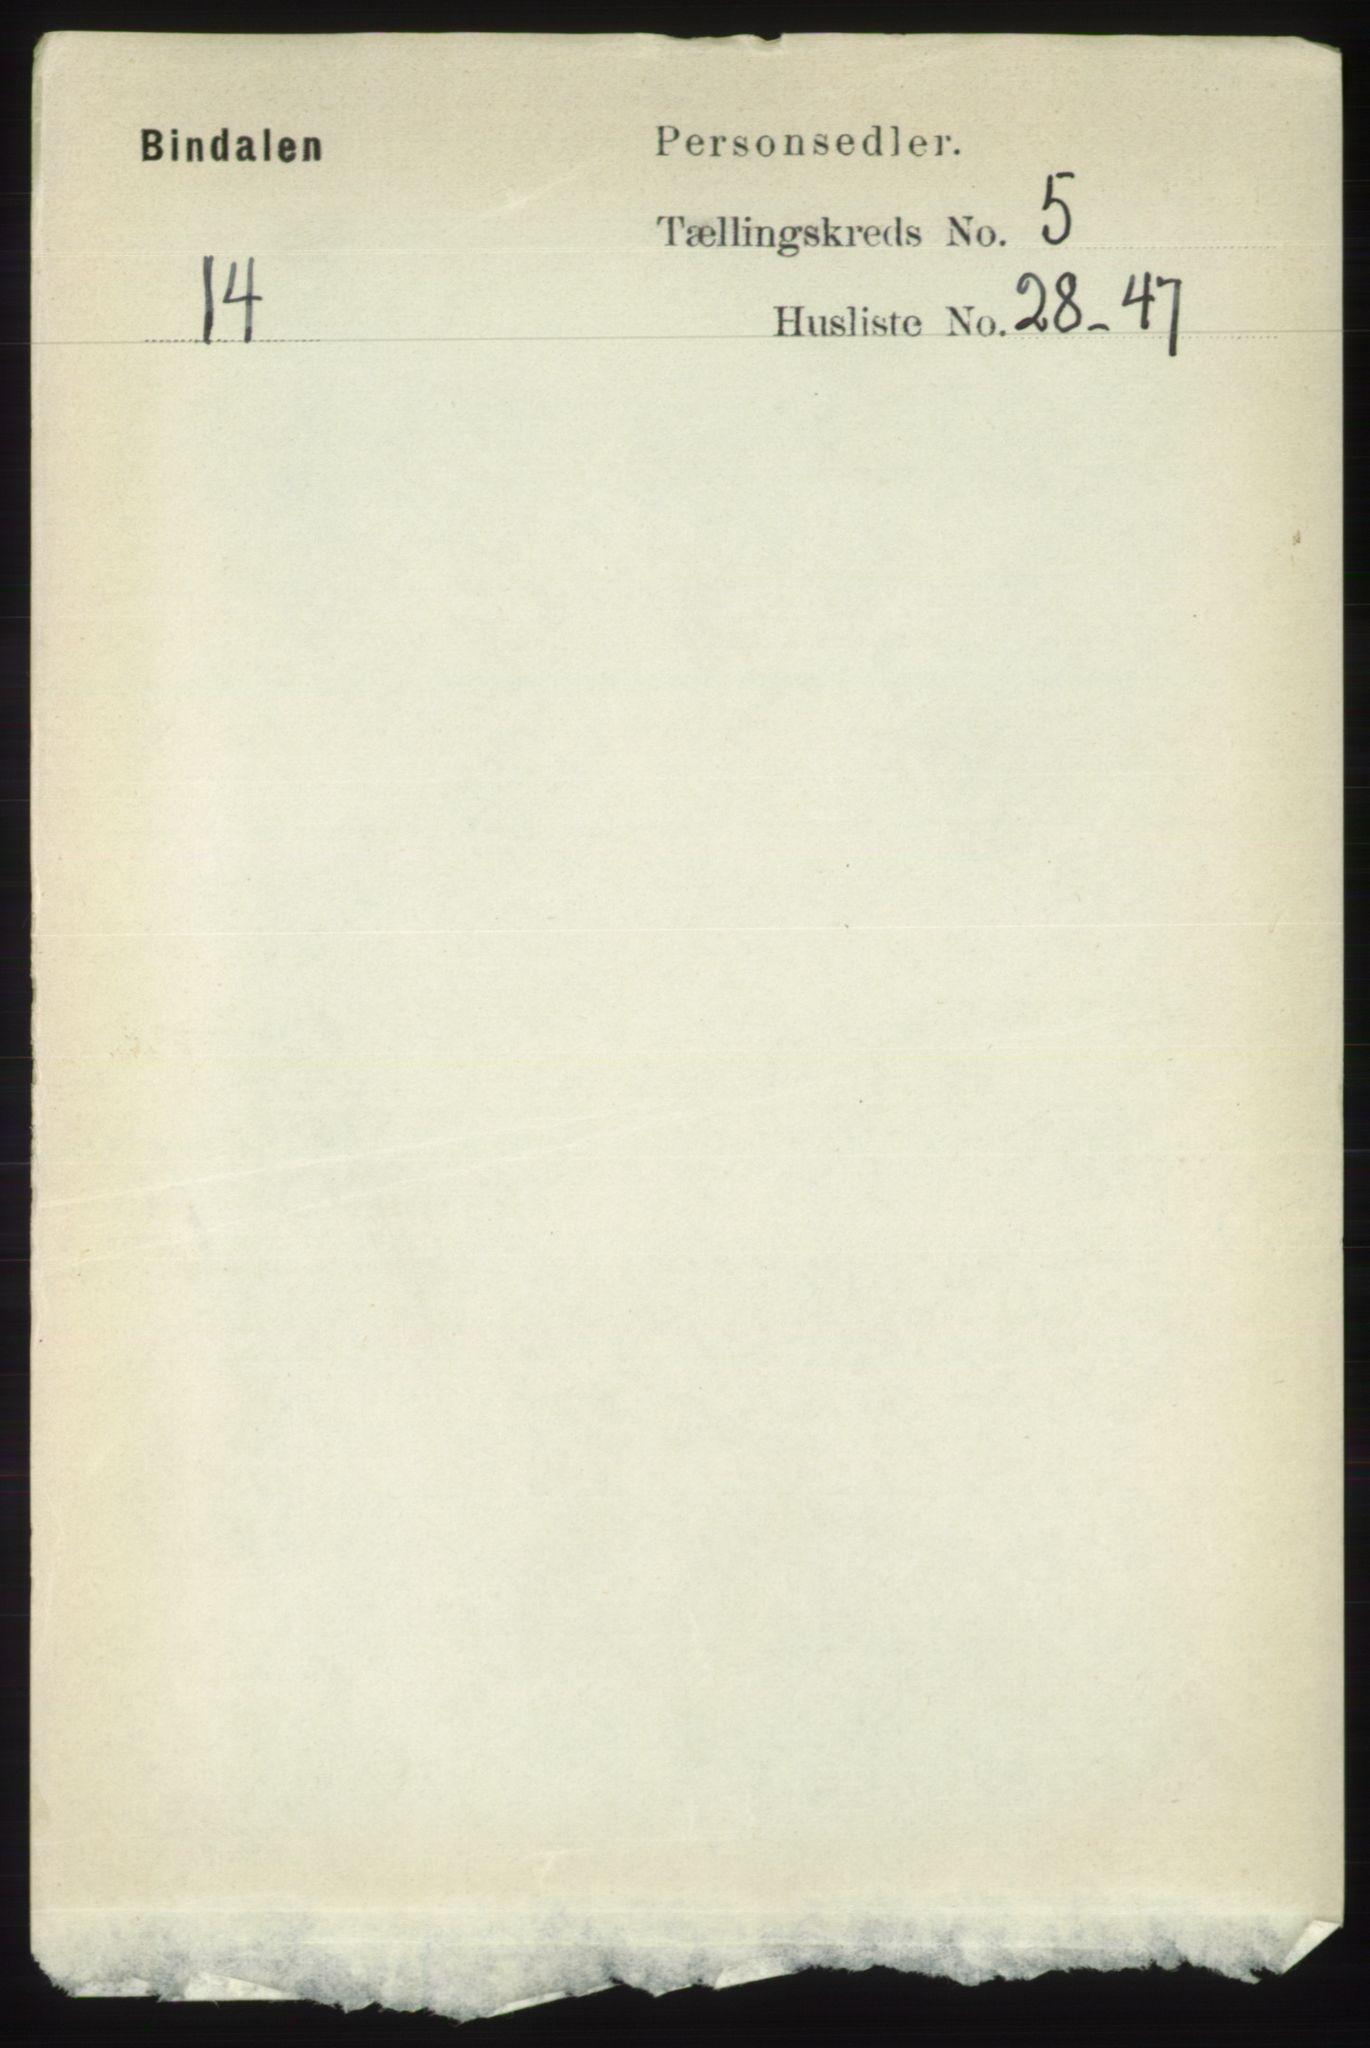 RA, Folketelling 1891 for 1811 Bindal herred, 1891, s. 1338